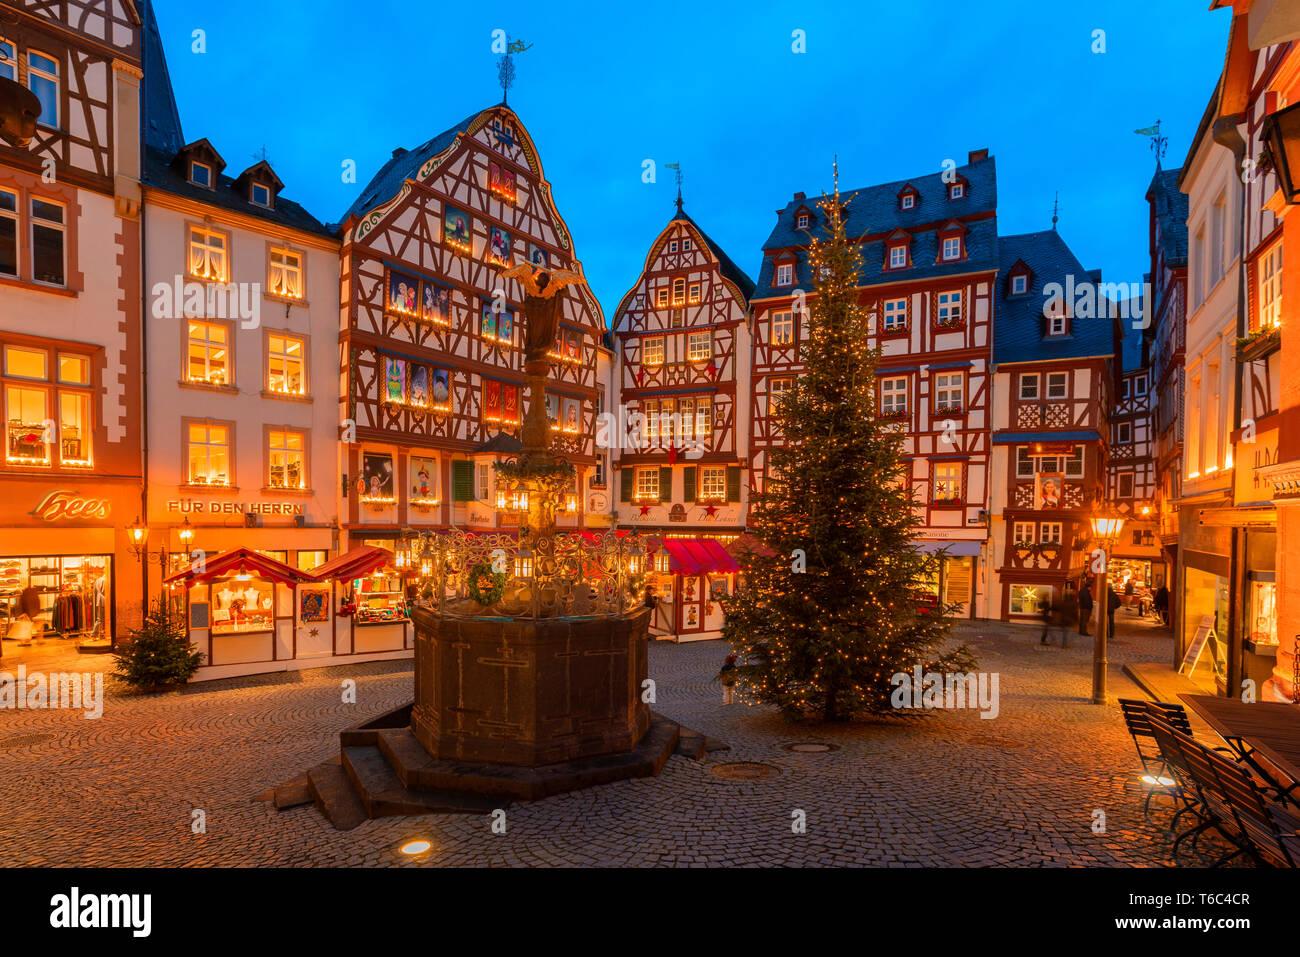 Christmas market at Bernkastel-Kues, Rhineland-Palatinate, Germany - Stock Image